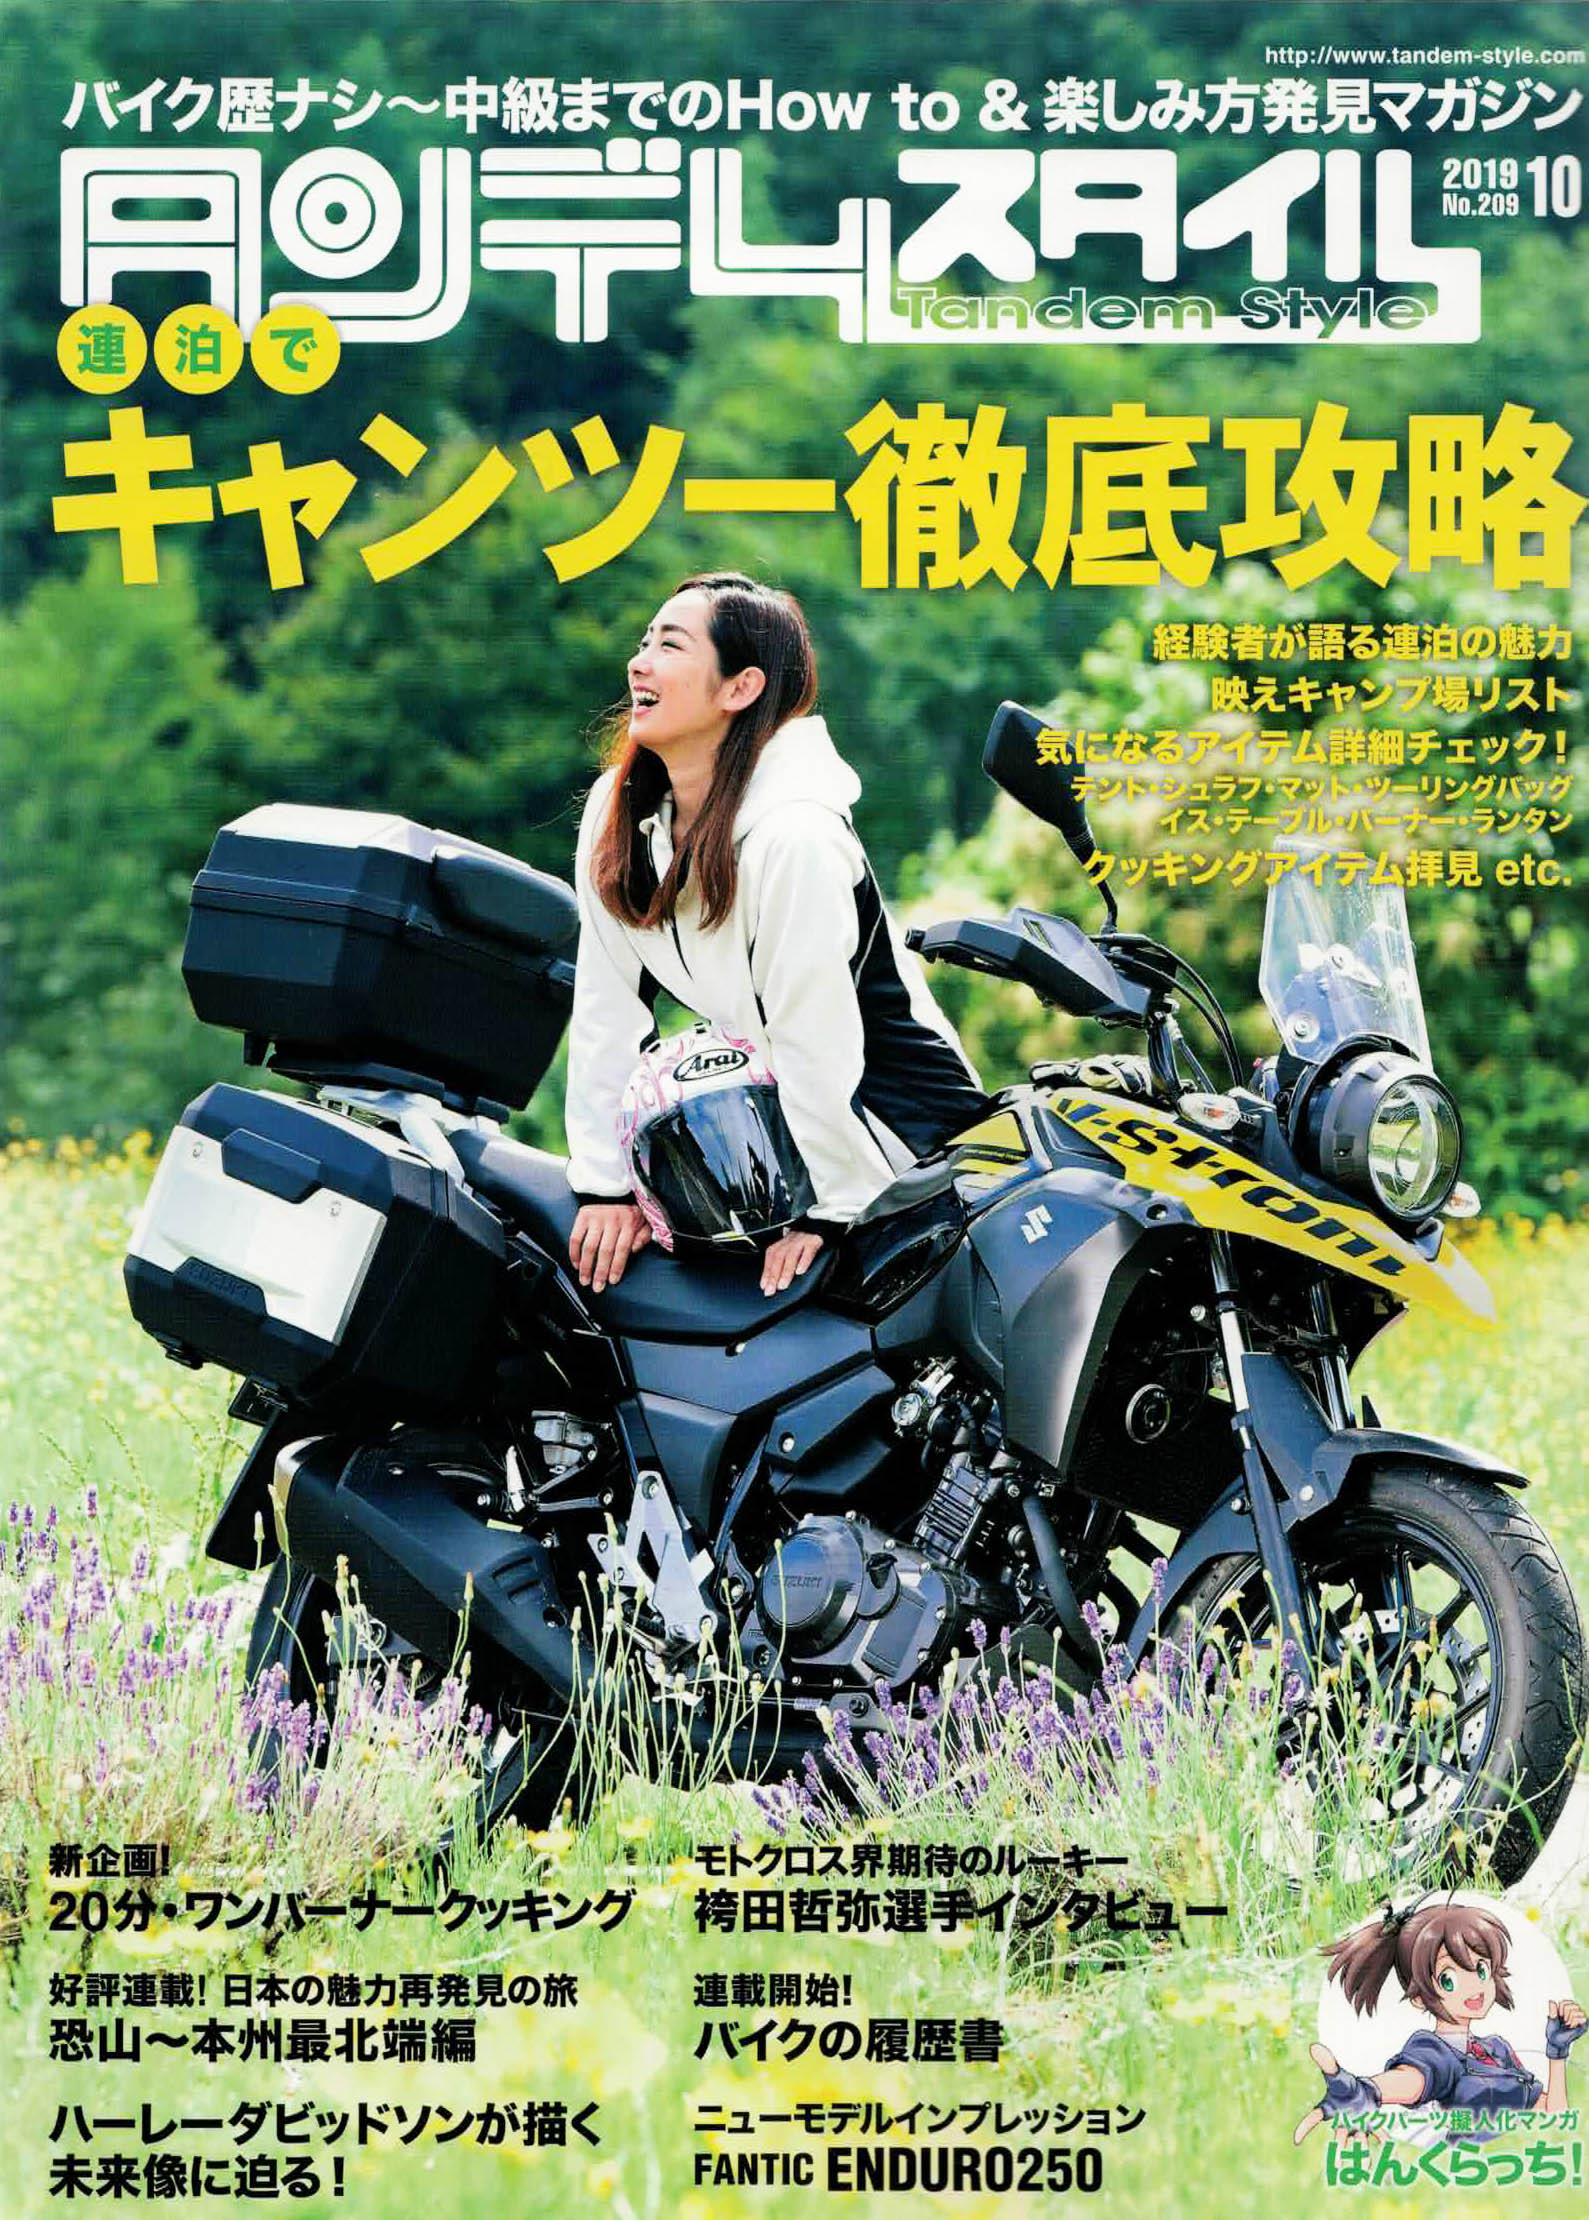 【タンデムスタイル10月号掲載】FANTIC Enduro250